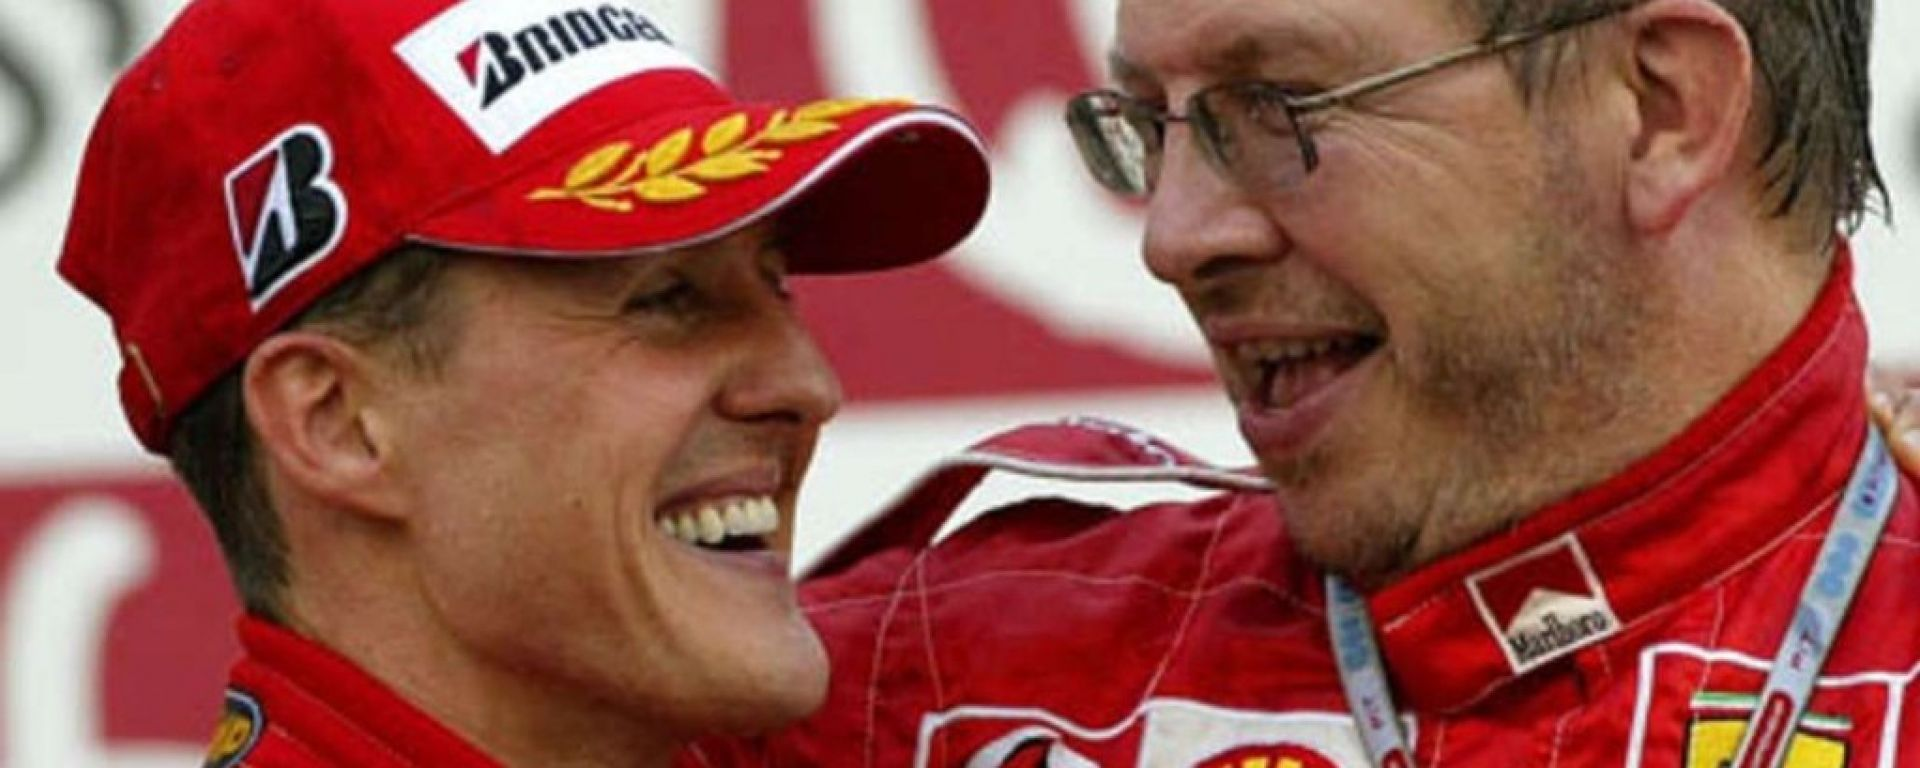 Michael Schumacher e Ross Brawn